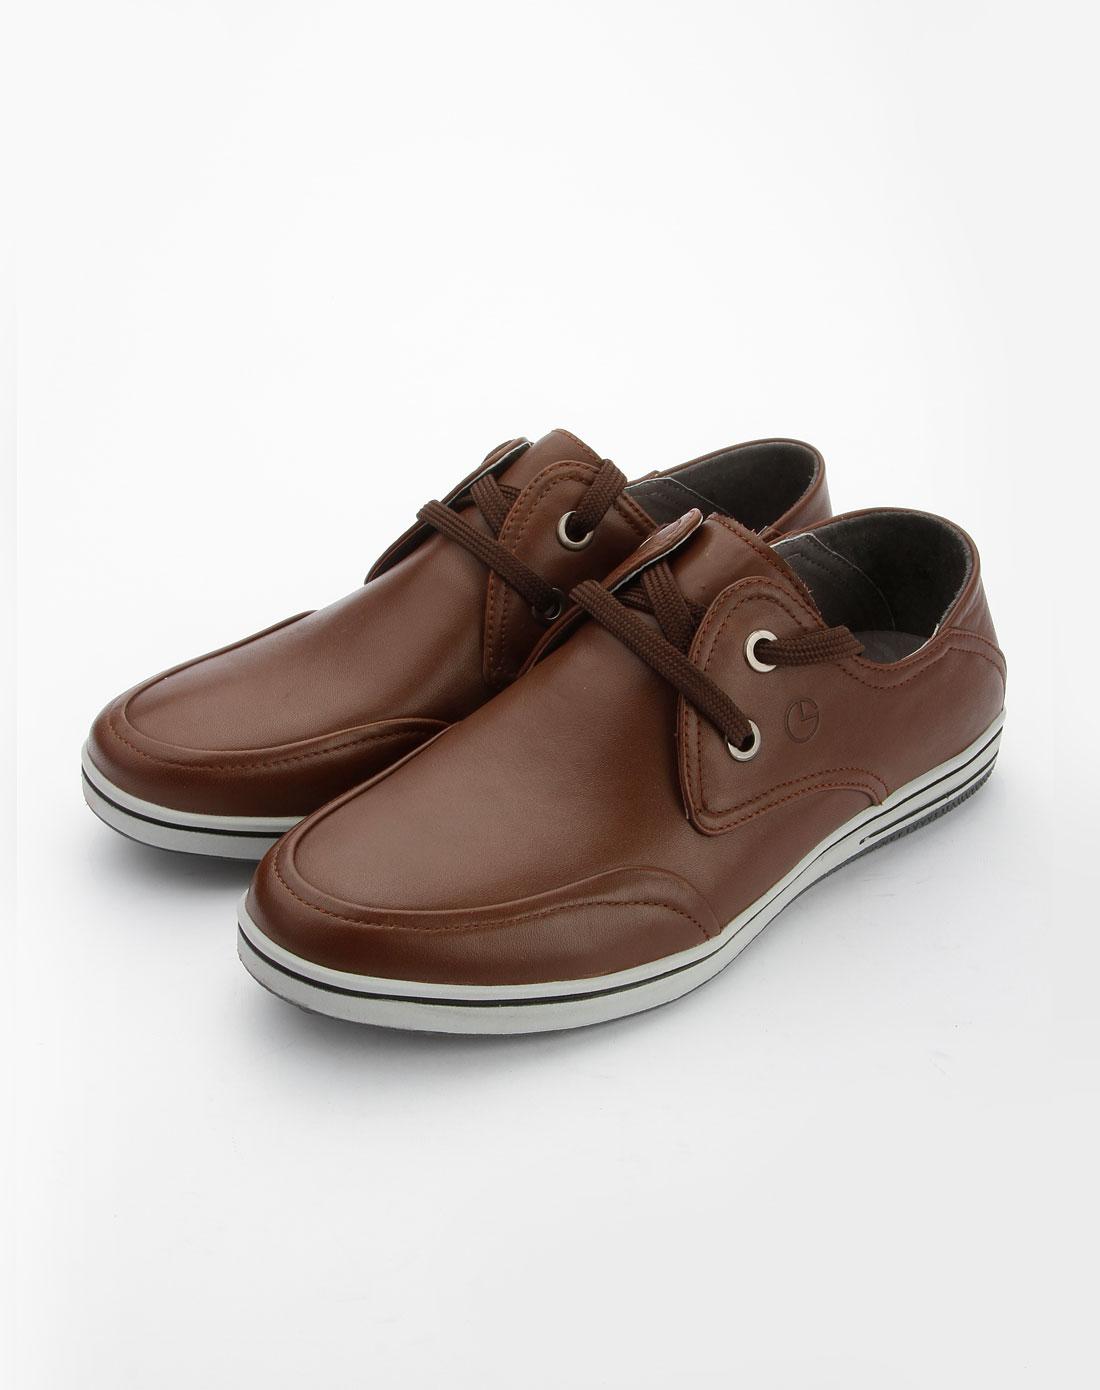 金利来goldlion男款棕色绑带休闲皮鞋124037